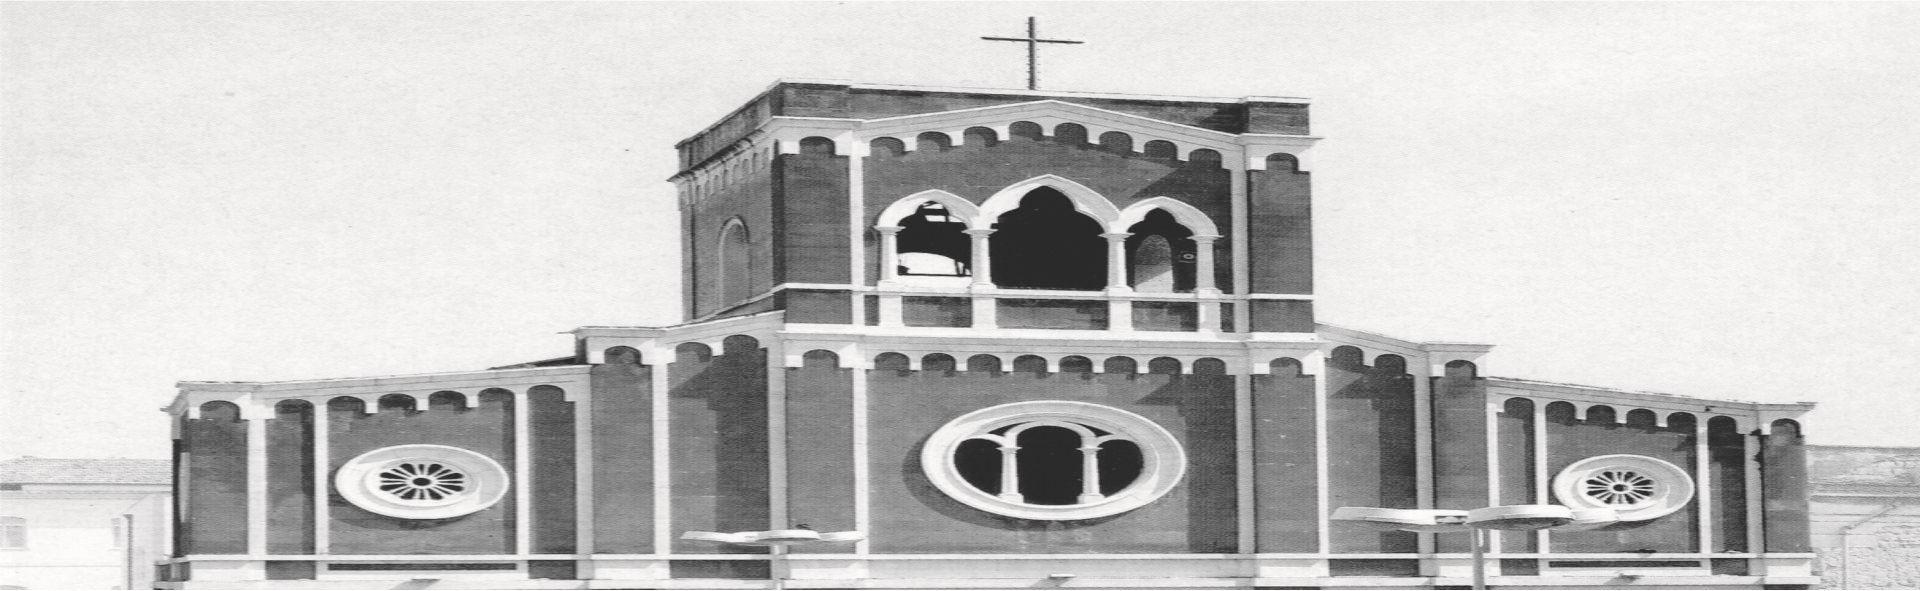 Cenni Storici del Santuario Sant'Anna - Caserta